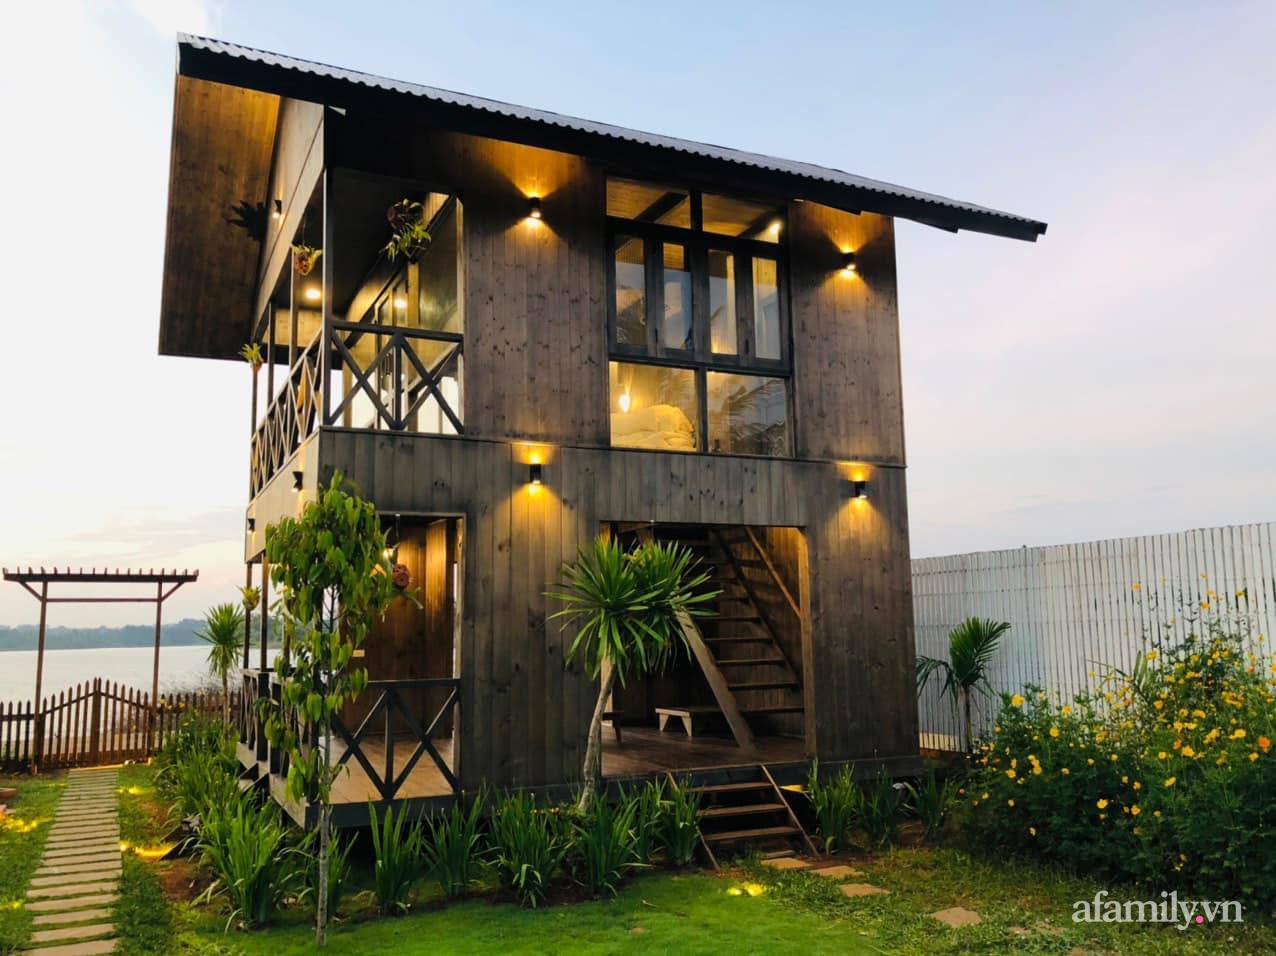 Căn nhà gỗ bình yên hướng tầm nhìn ra hồ nước trong veo, thơ mộng ở Buôn Mê Thuột - Ảnh 7.